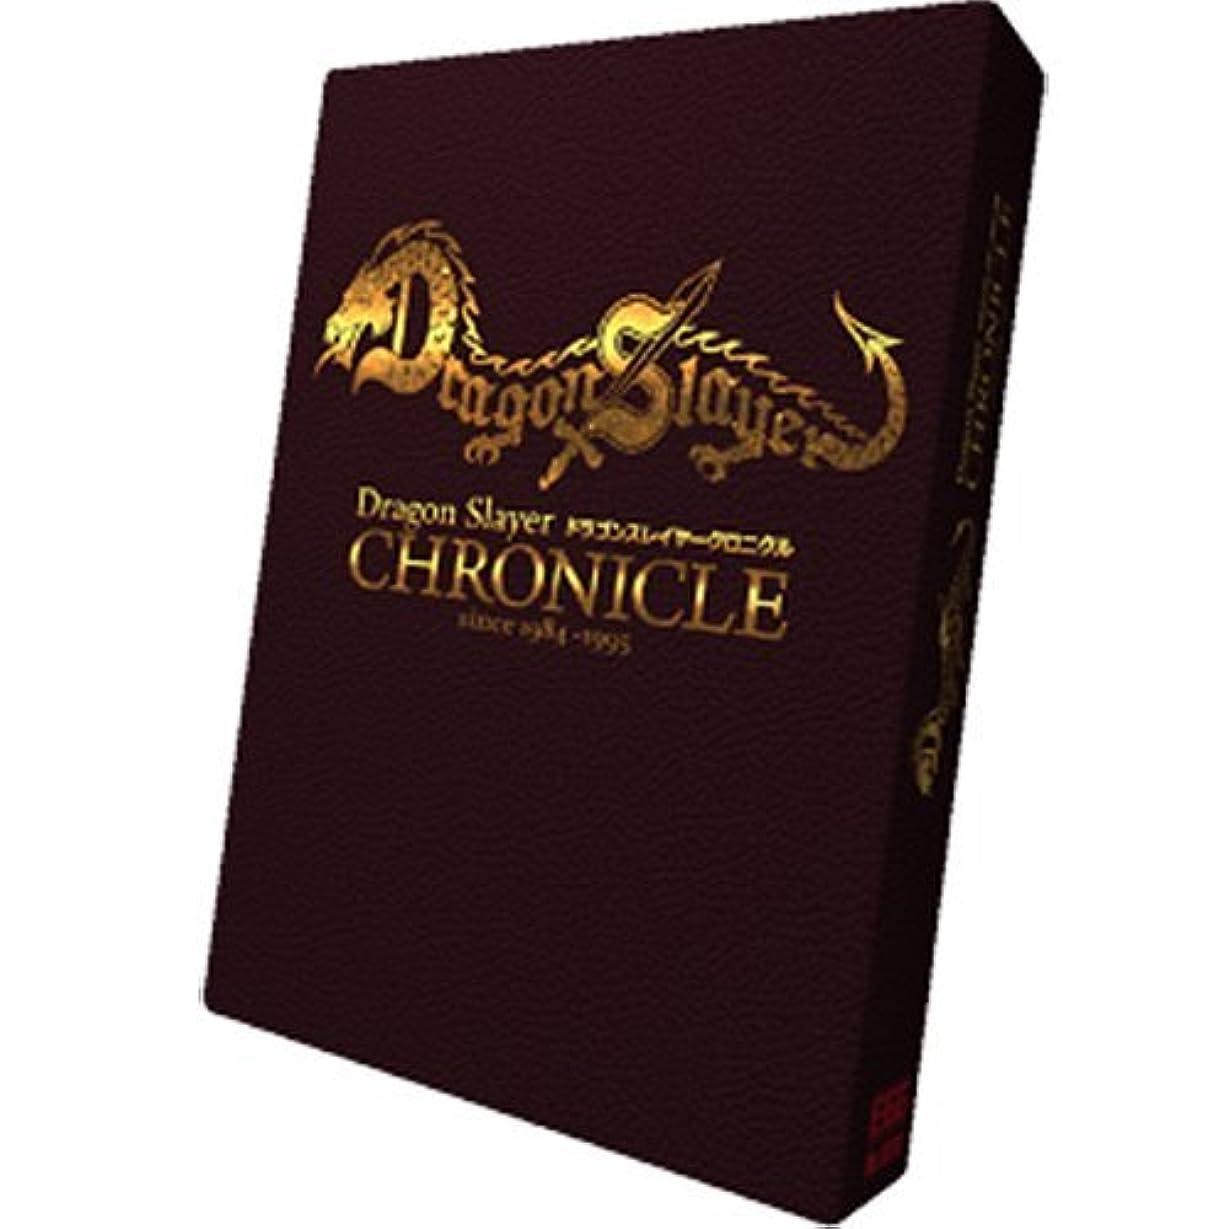 打撃単調な基本的なドラゴンスレイヤークロニクル DragonSlayer CHRONICLE